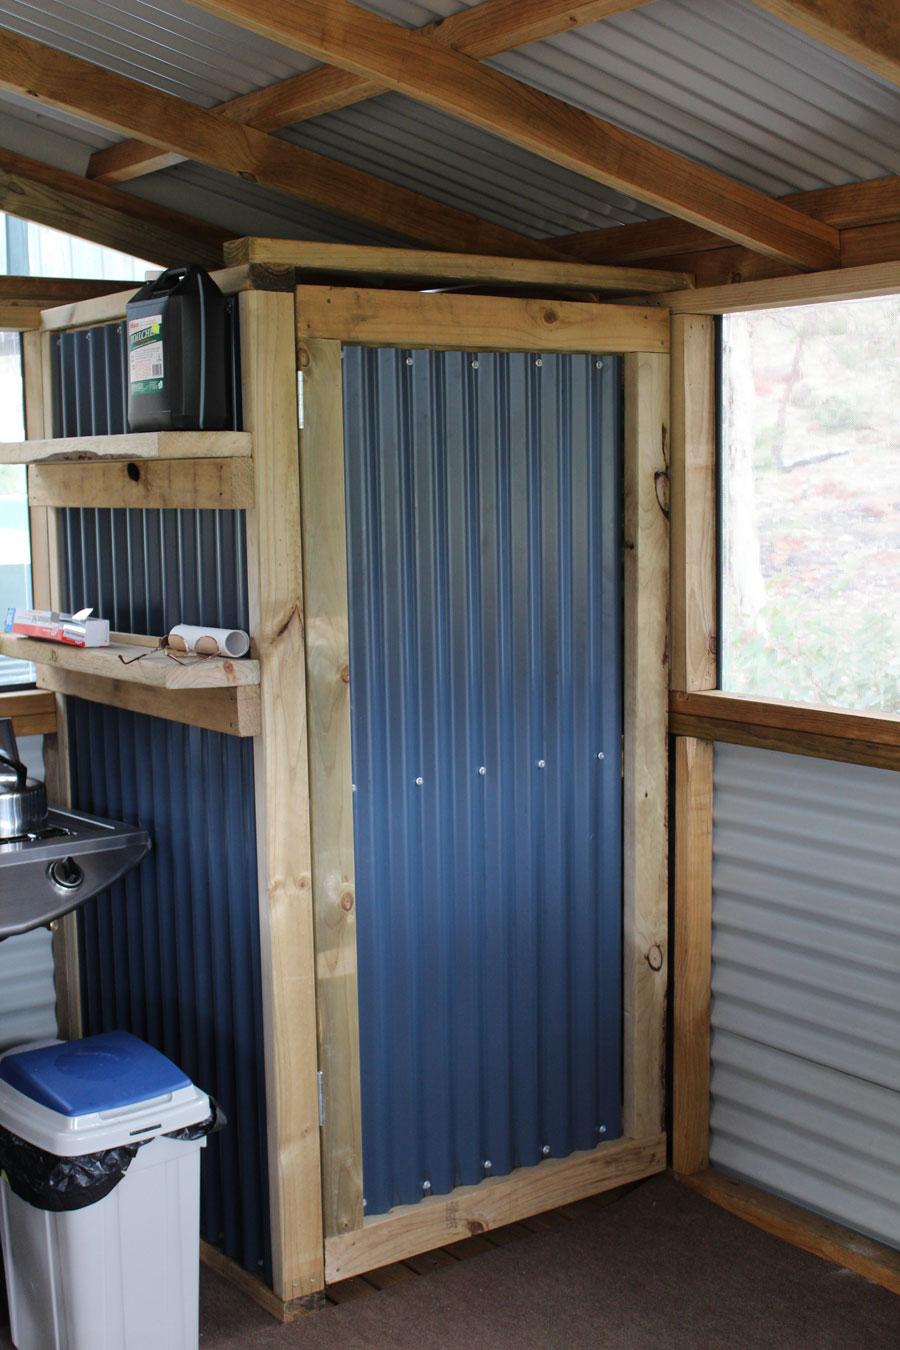 The Dunny Door ! & We have a Dunny Door ! | Kicknbacku0027s Blog